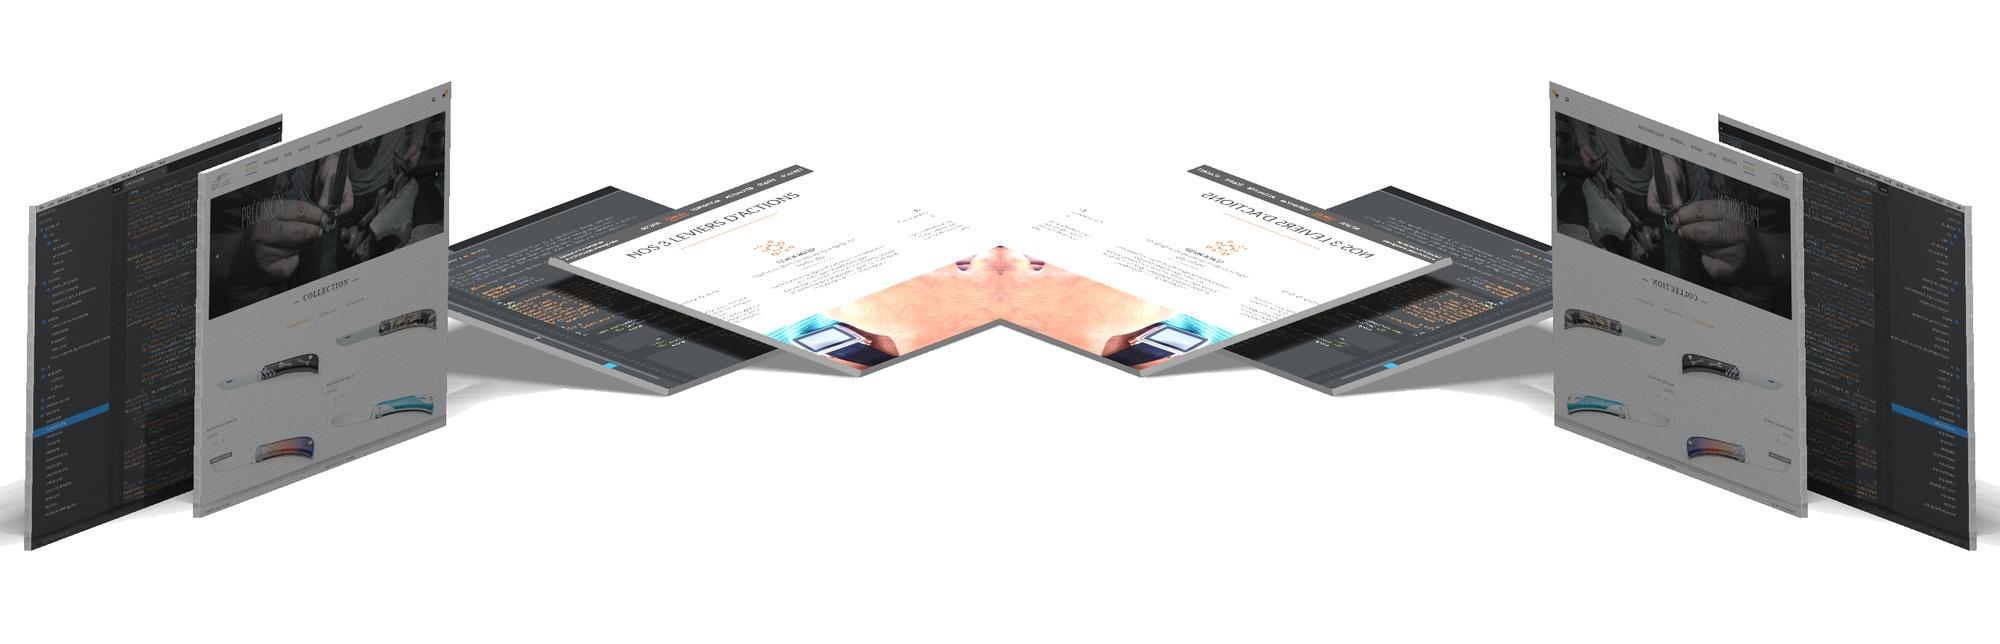 Developpement web et mobile par Ocsalis - Aurillac - Cantal